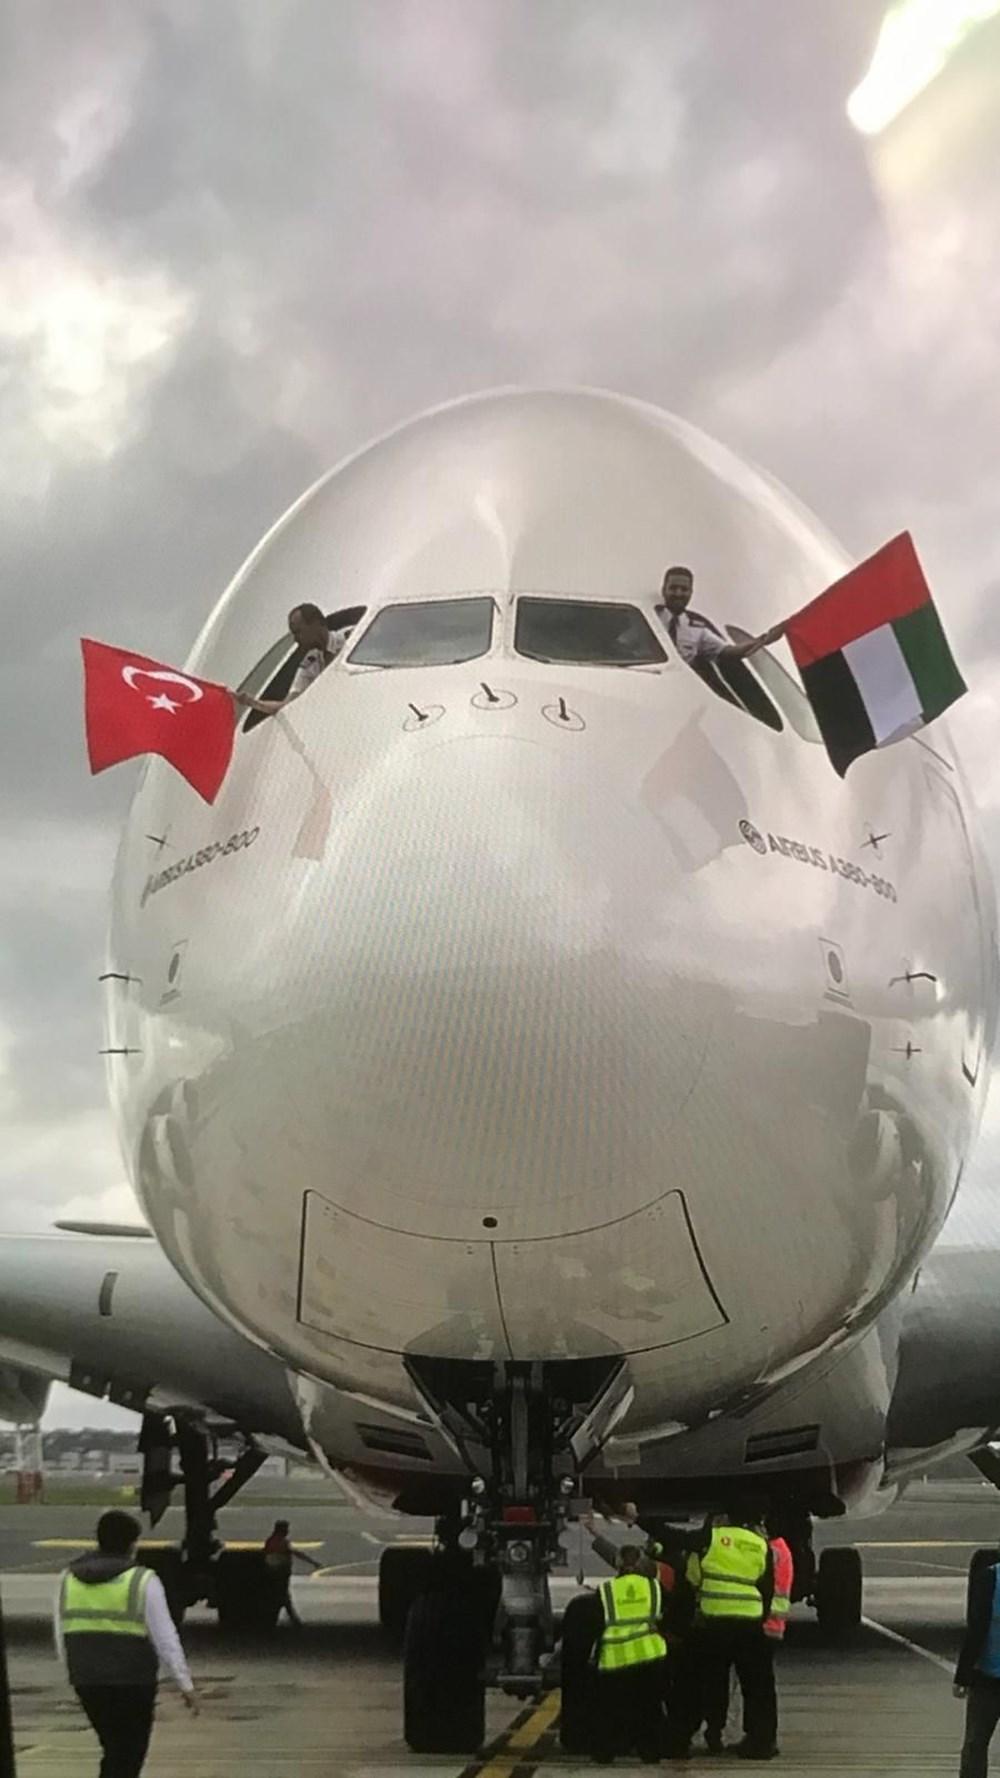 Dünyanın en büyük uçağı İstanbul'a ilk yolcularını taşıdı - 2